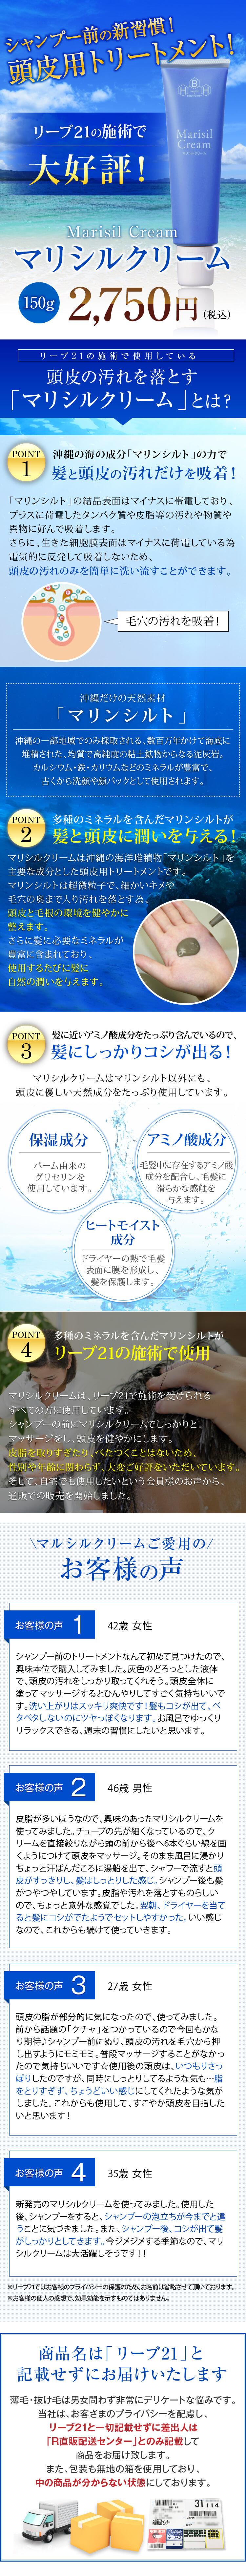 マリシルクリームLP【sp】